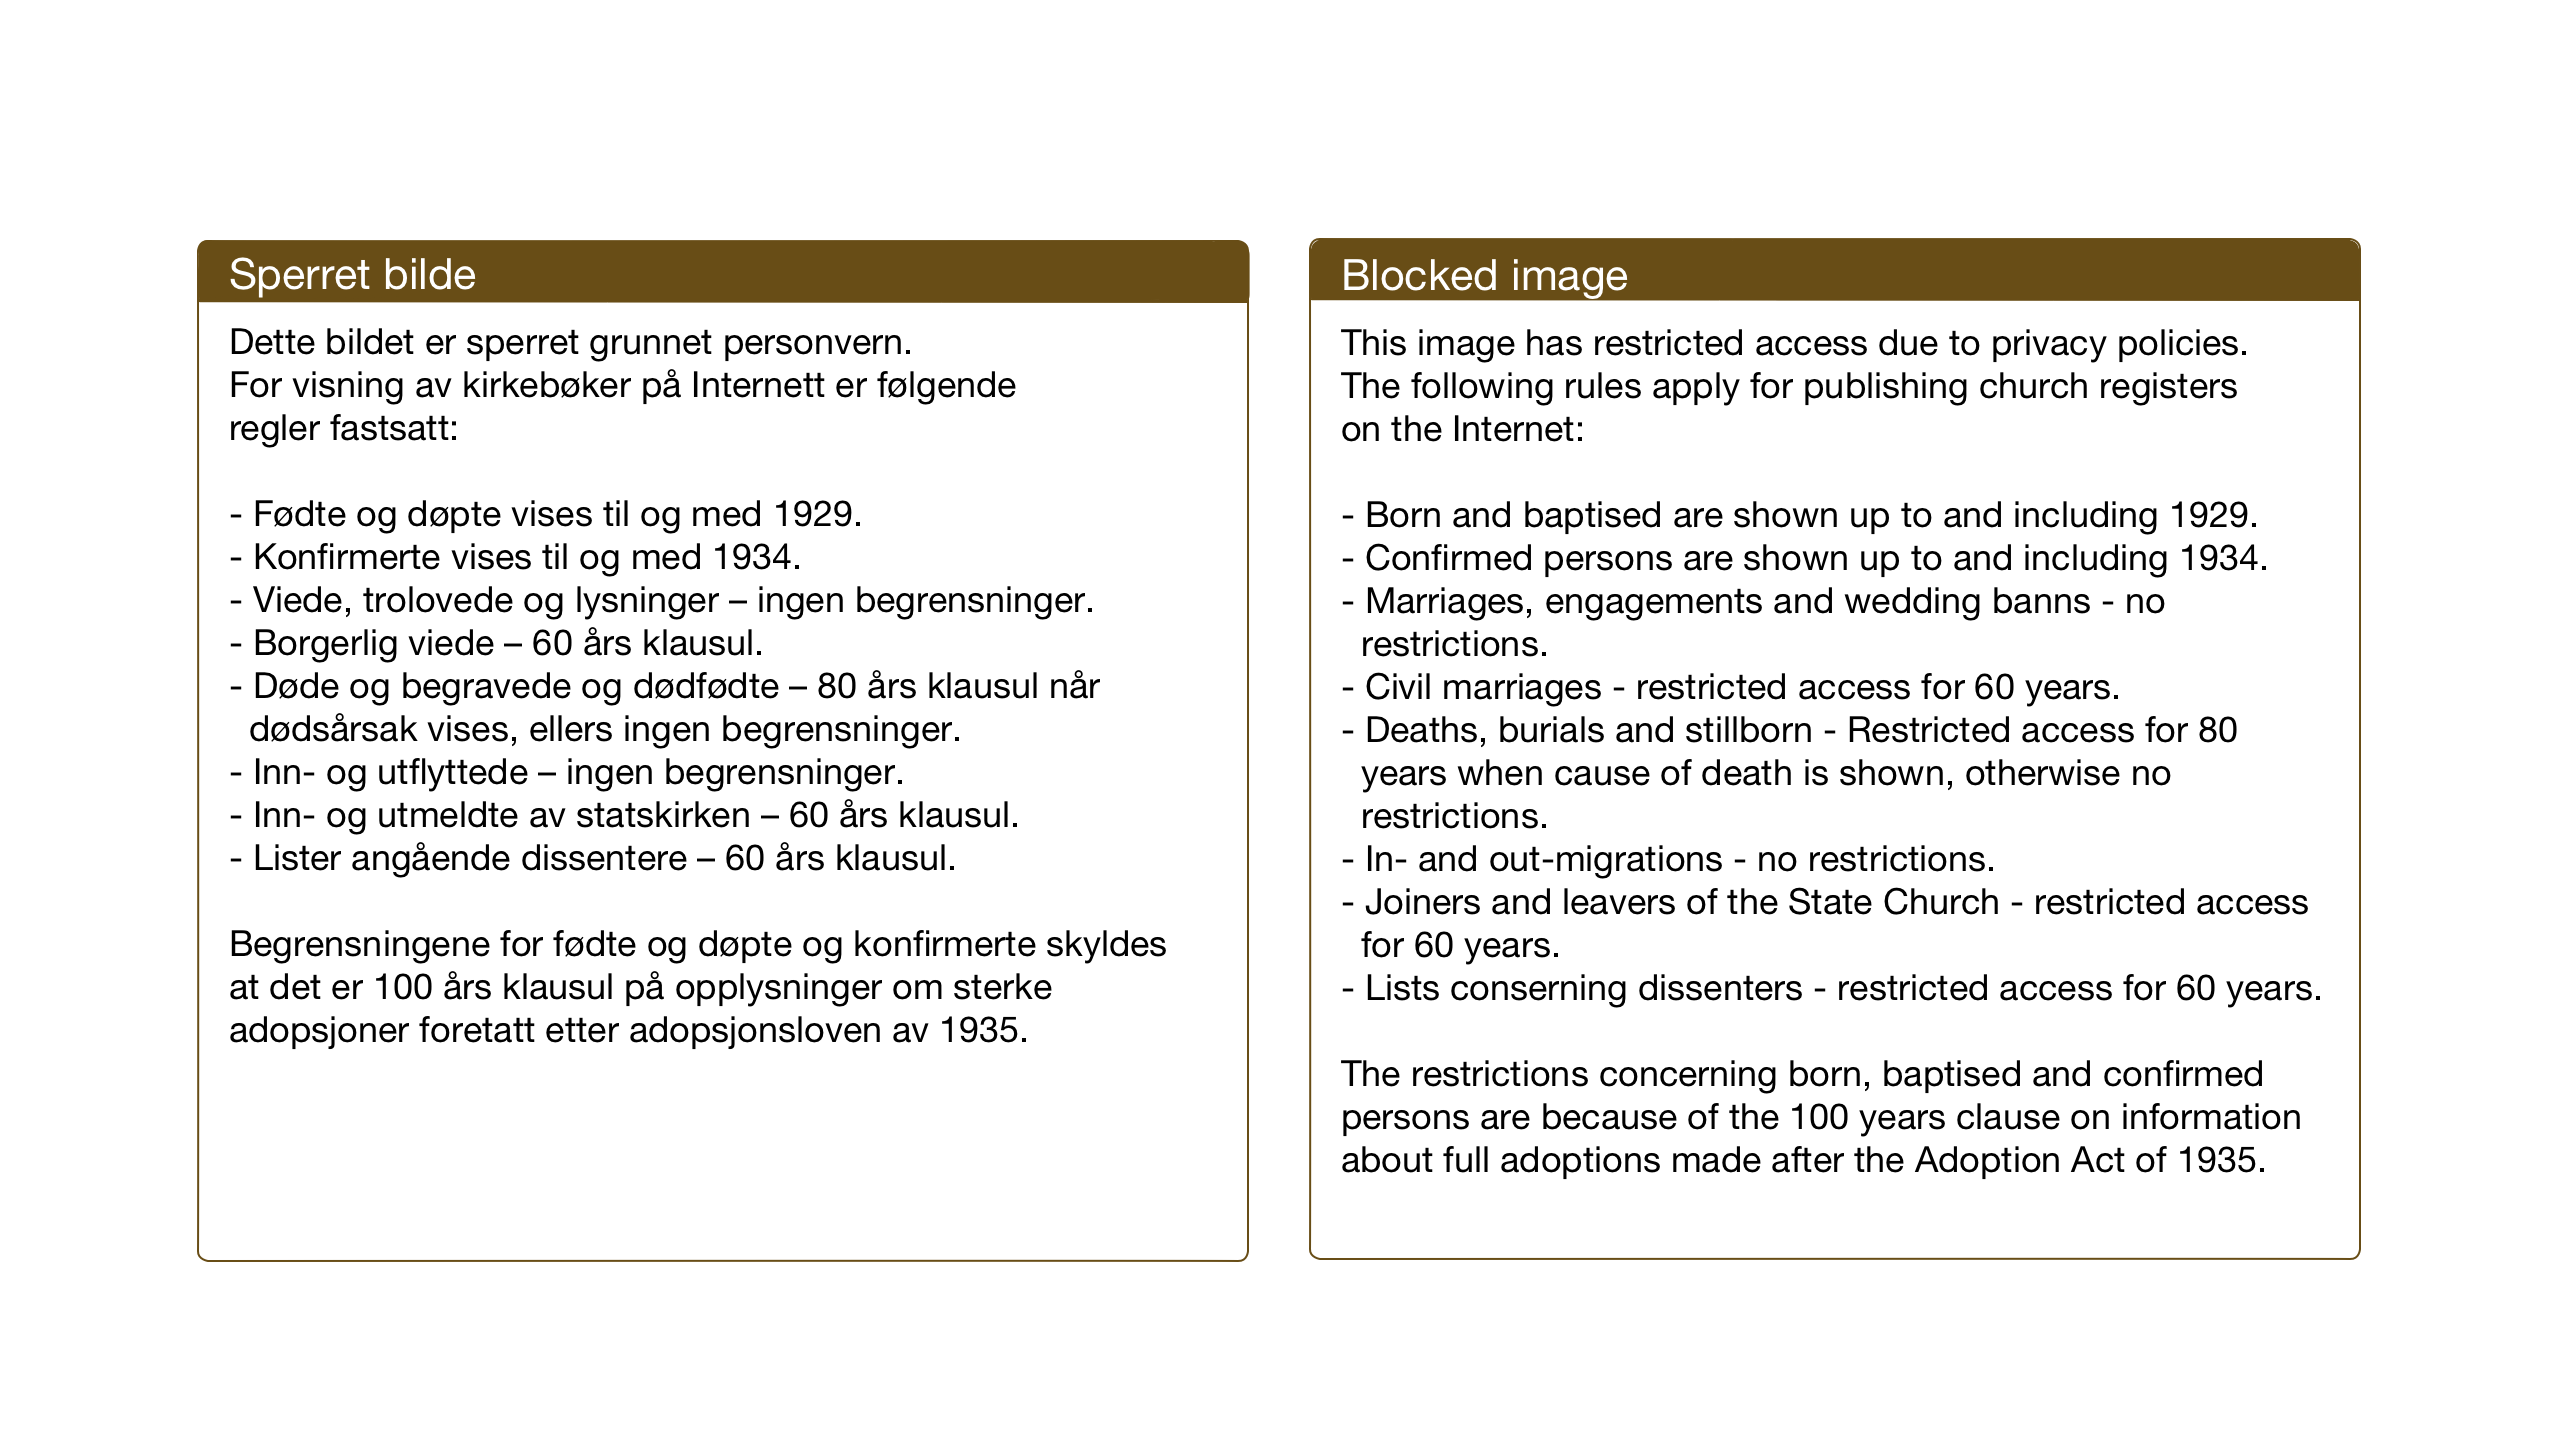 SAT, Ministerialprotokoller, klokkerbøker og fødselsregistre - Sør-Trøndelag, 603/L0175: Klokkerbok nr. 603C03, 1923-1941, s. 160